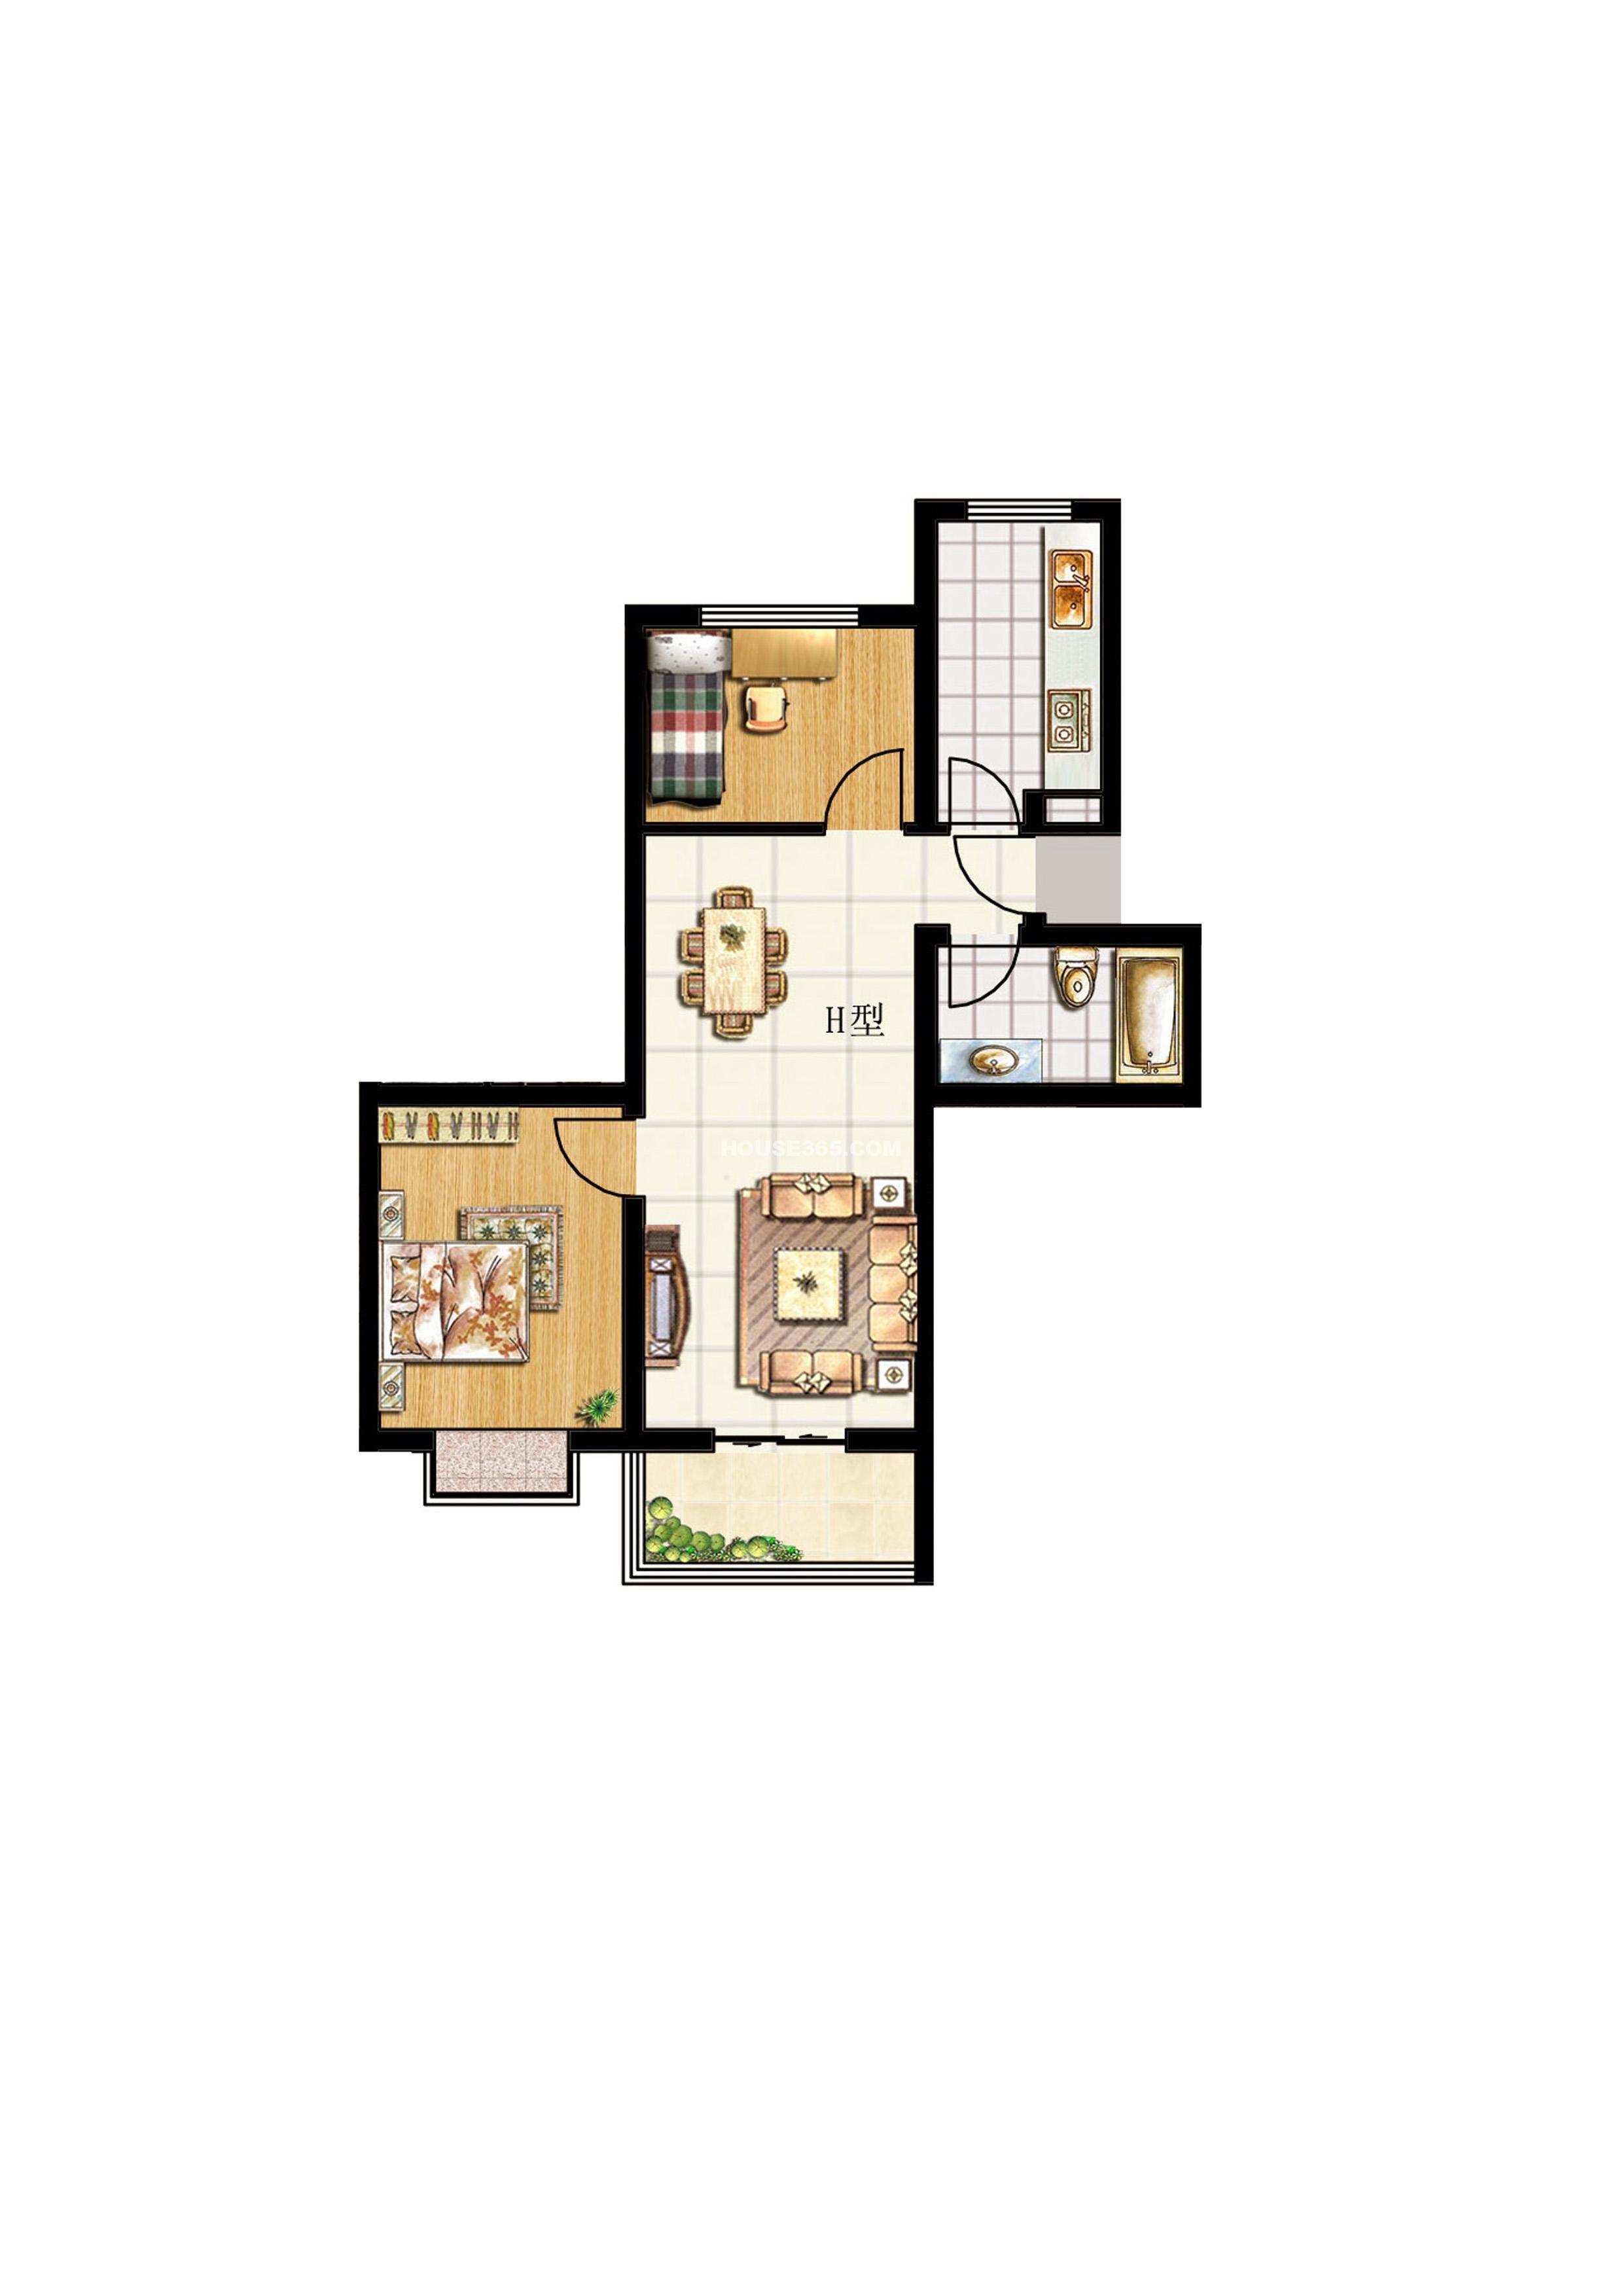 华德水岸花城 华德水岸花城效h户型图两室两厅一厨一卫 高清图片